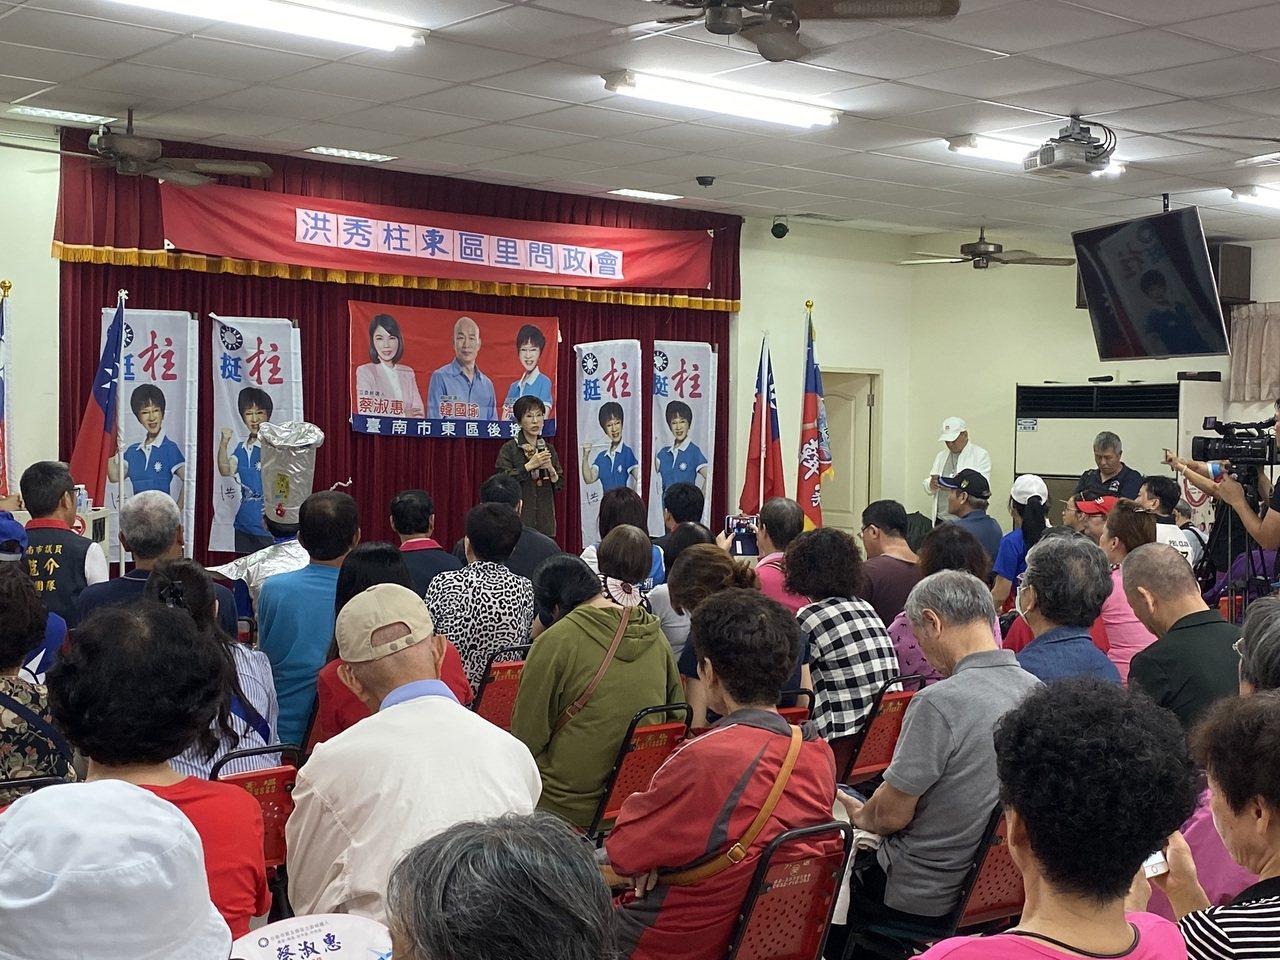 国民党前主席、台南市立委参选人洪秀柱今天上午在东区举办首场区里问政会,支持者热情...